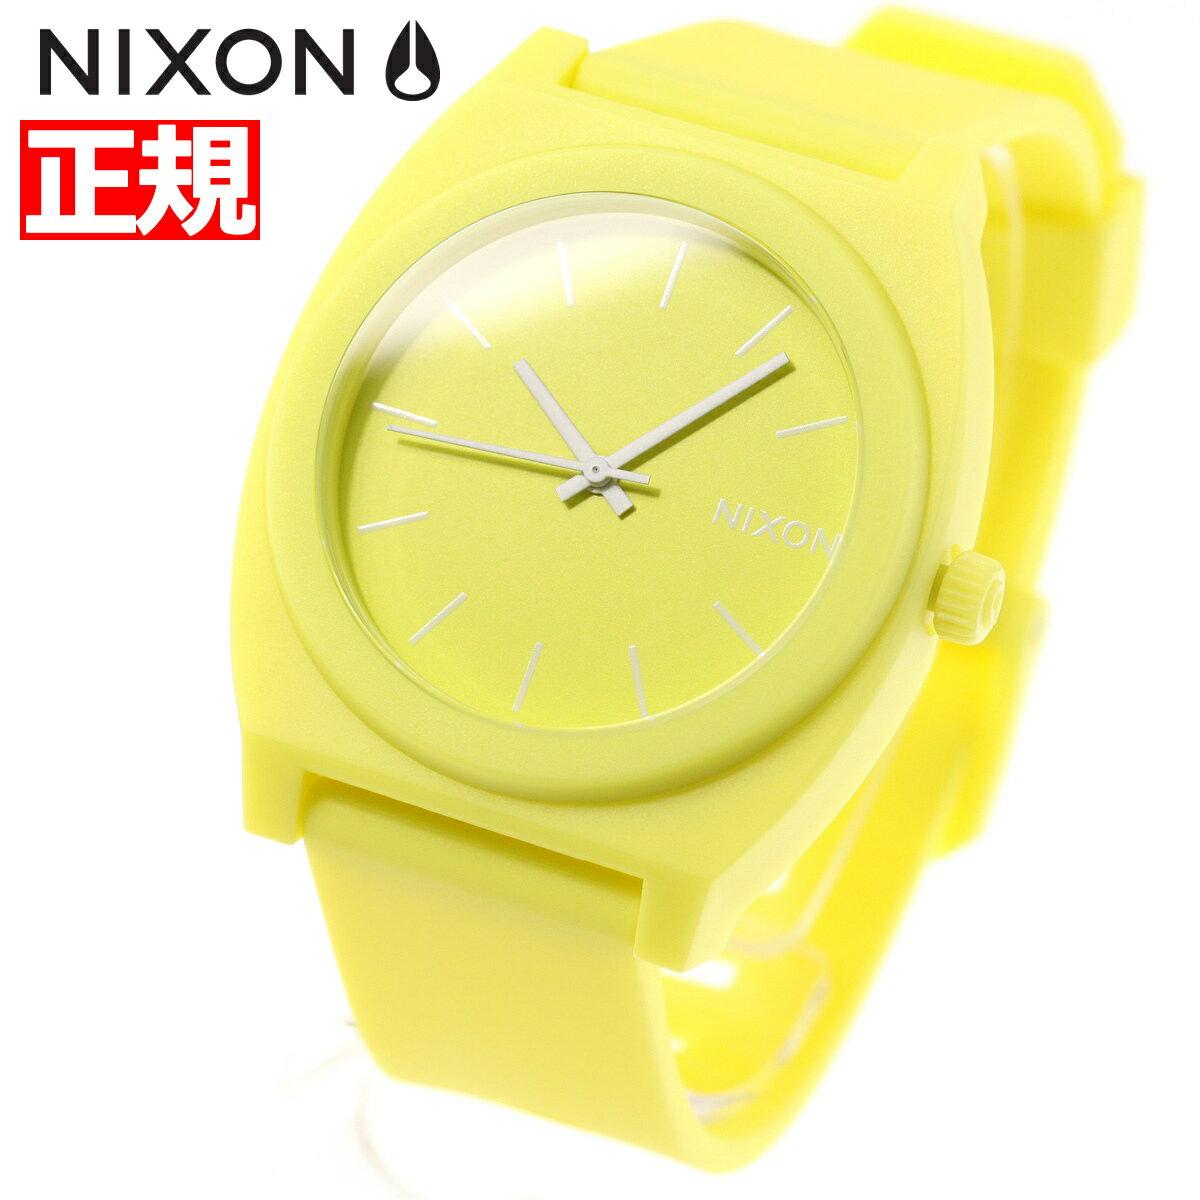 ニクソン NIXON タイムテラーP TIME TELLER P 腕時計 レディース メンズ マットシトロン NA1193014-00【2018 新作】